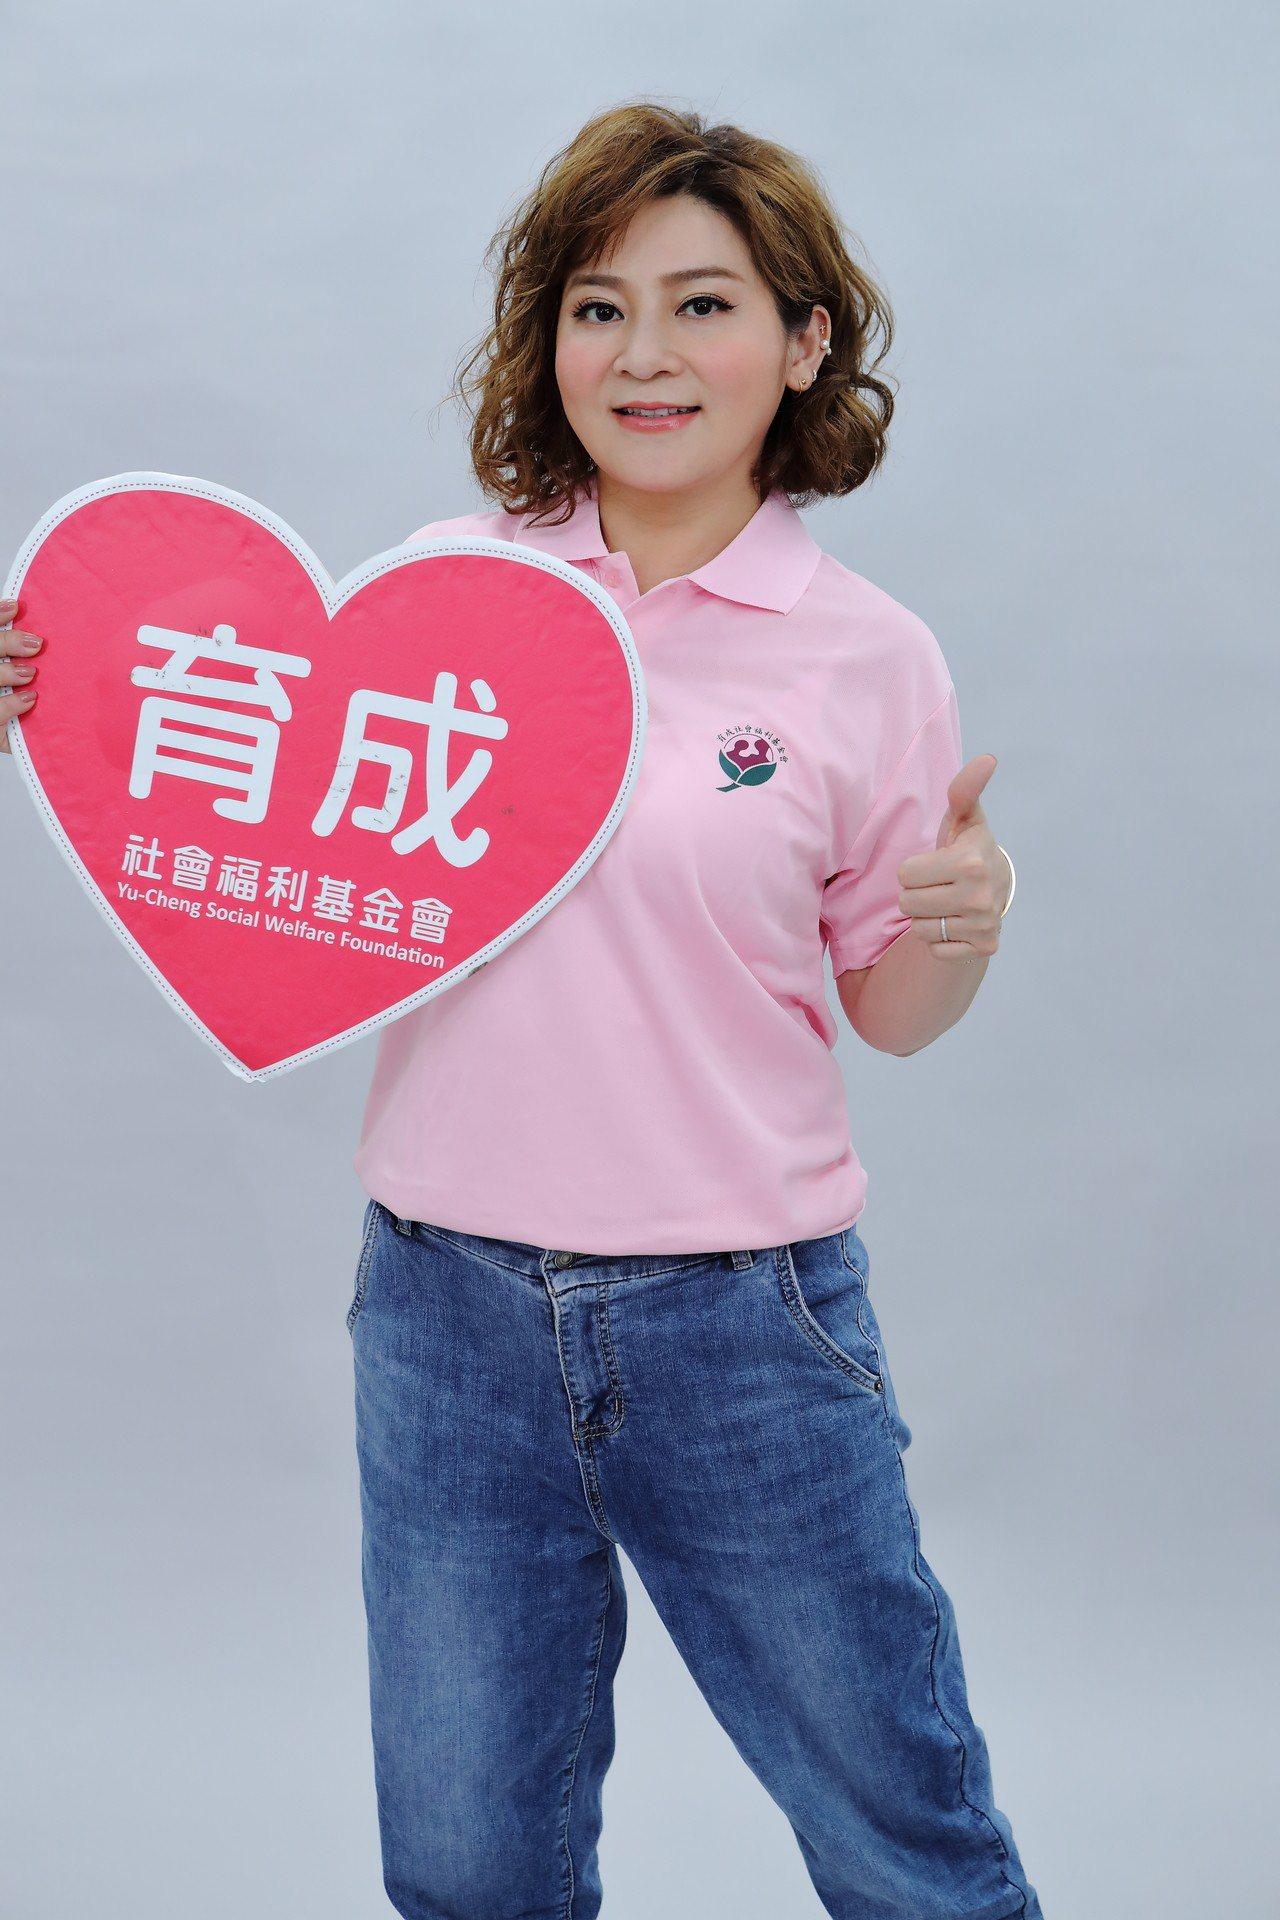 藝人王彩樺呼籲大眾協助育成基金會購置交通車,讓憨兒有機會外出學習、工作和就醫。圖...